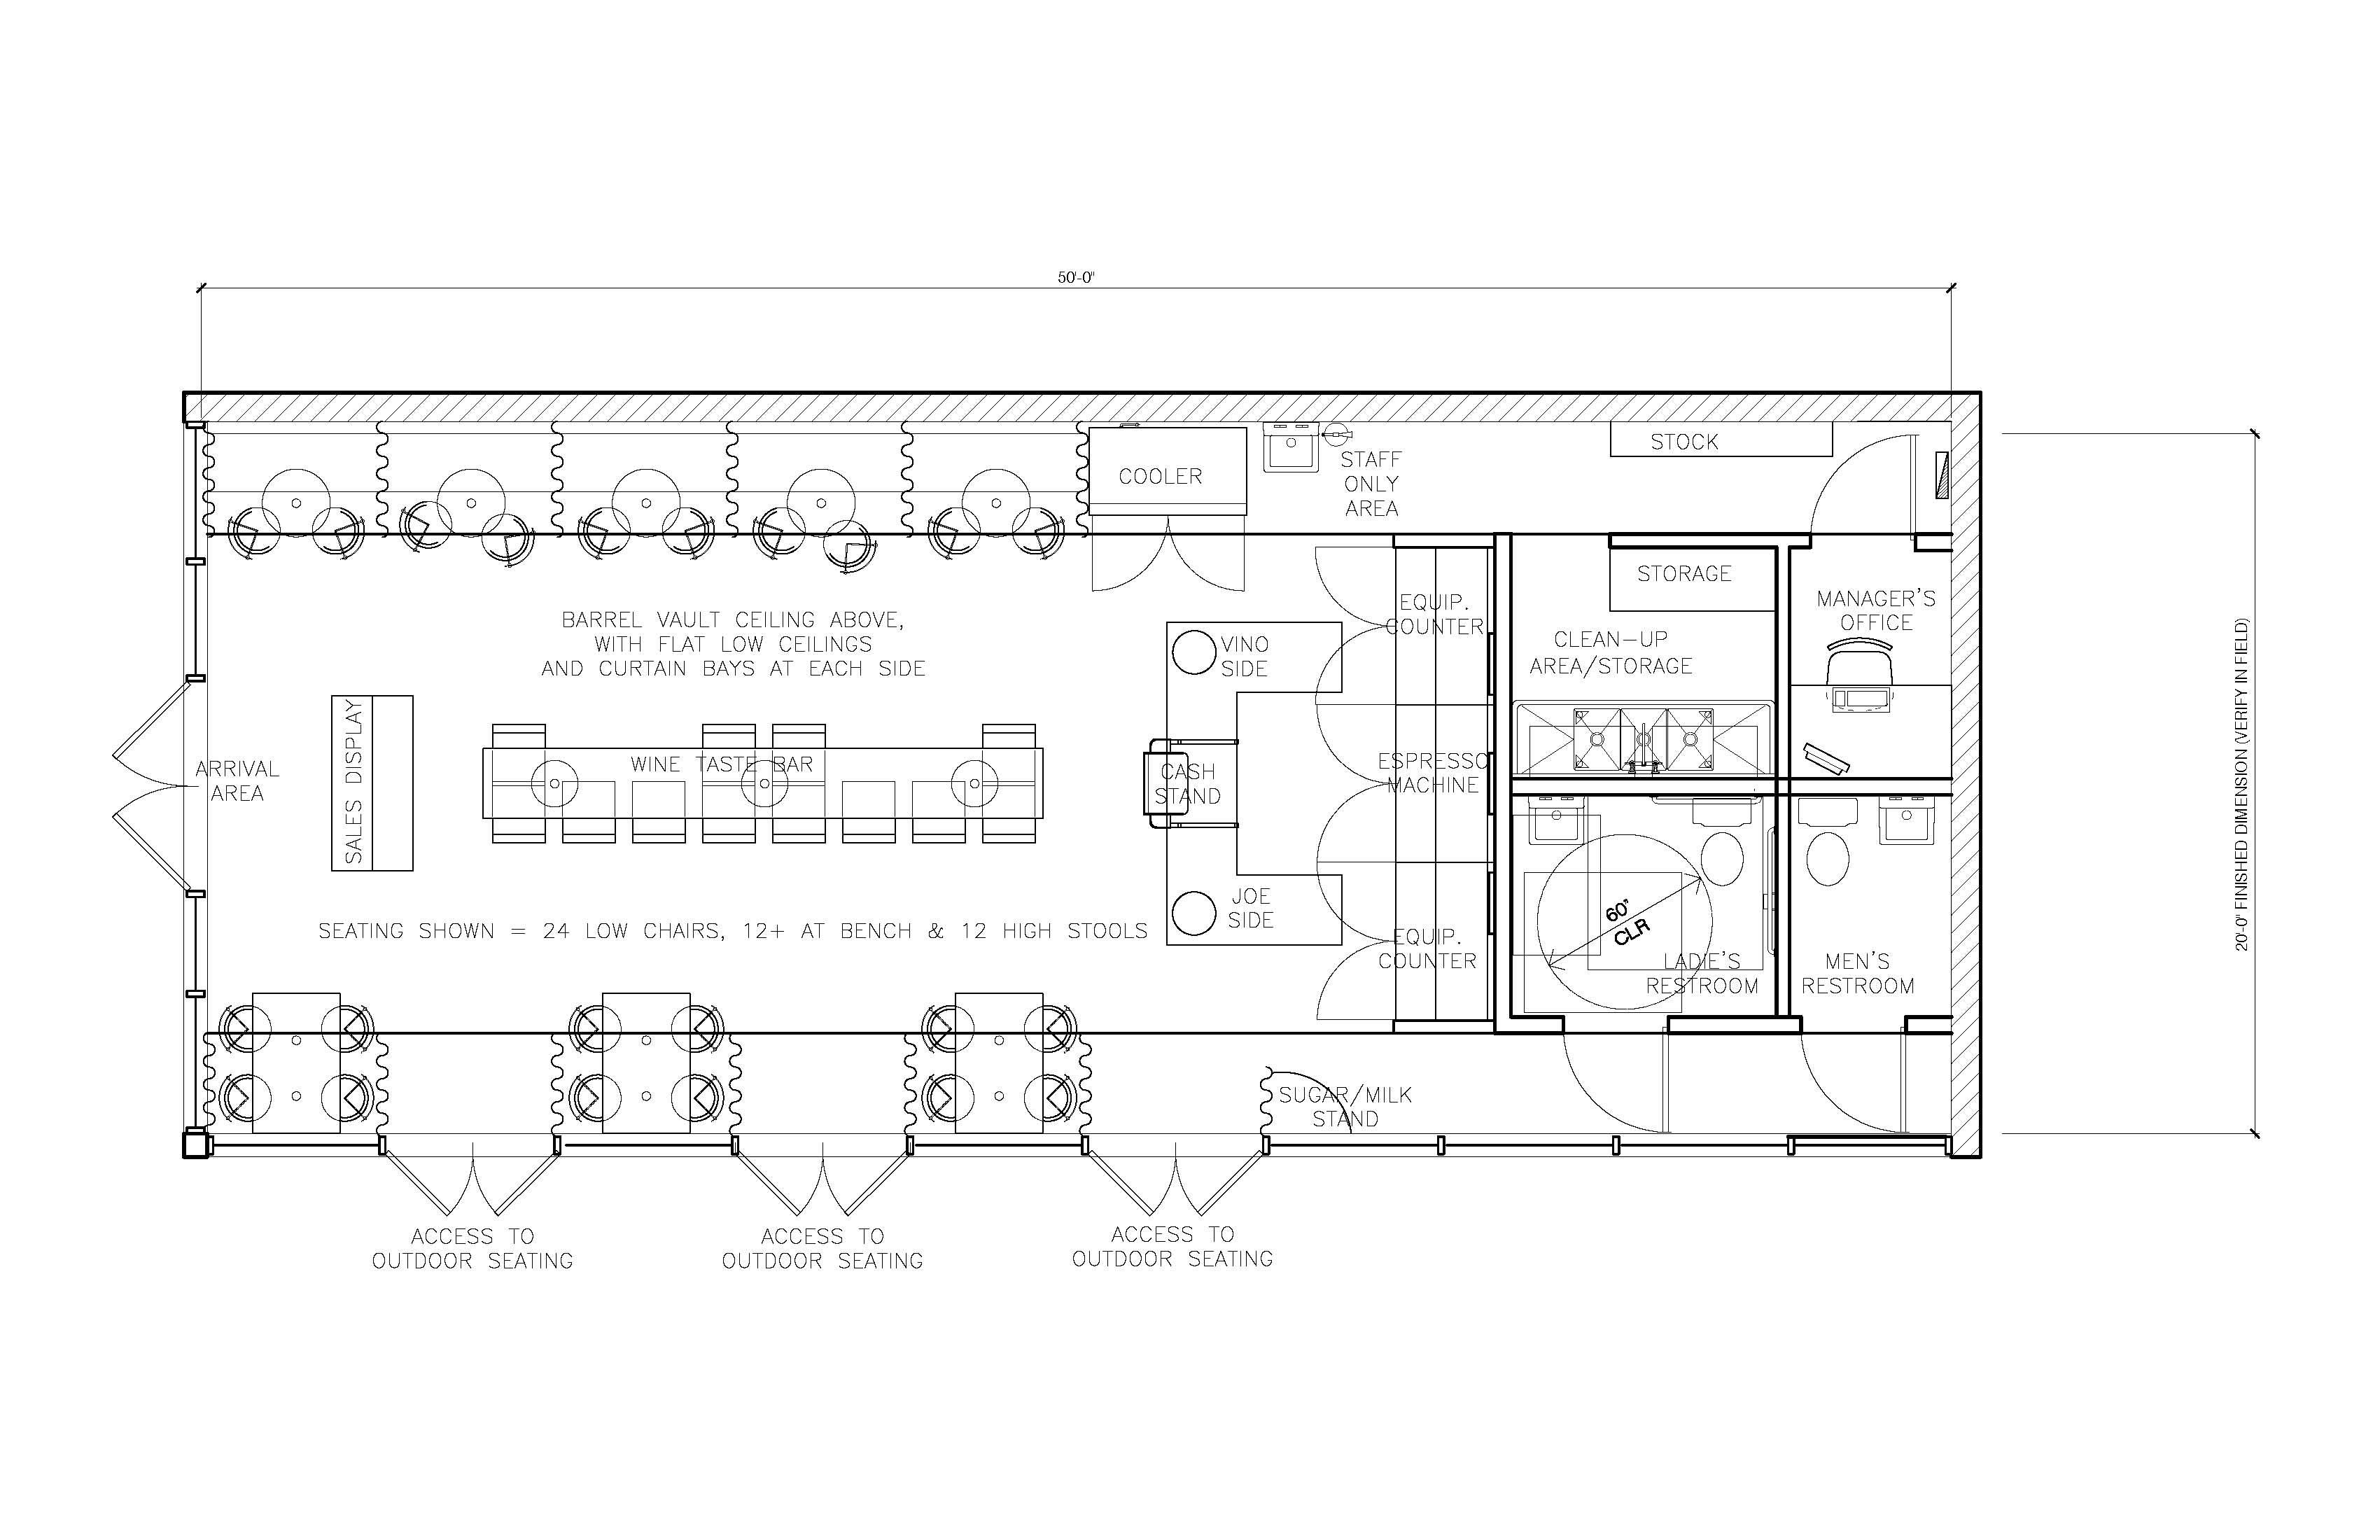 vinojoe-sd1-barrelvaultschemeplan